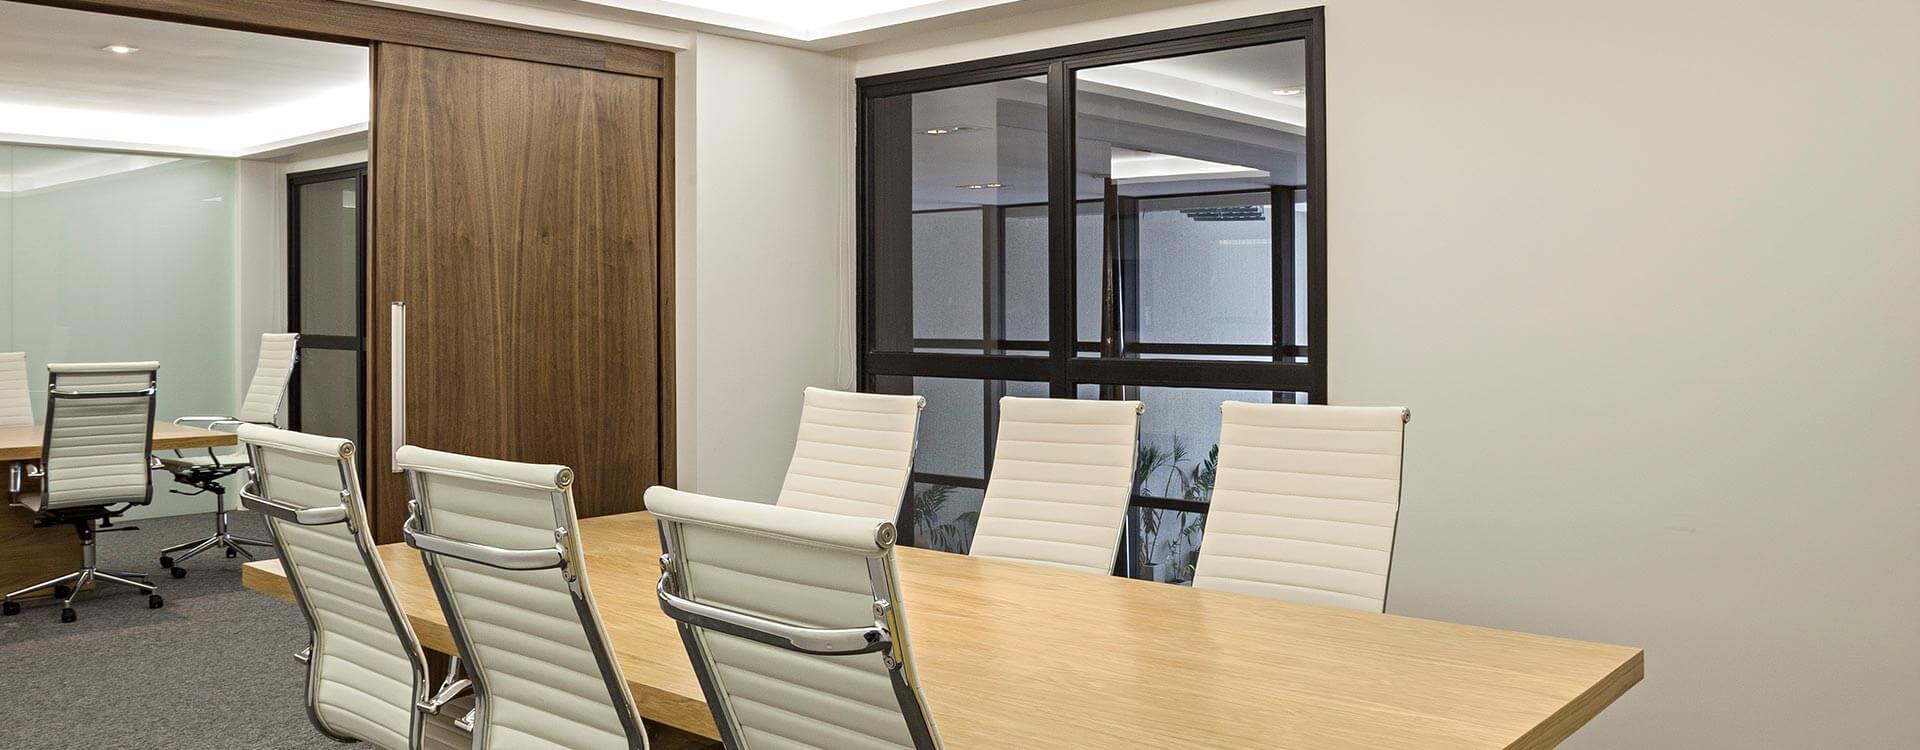 Sala de Reunião Vega To Work